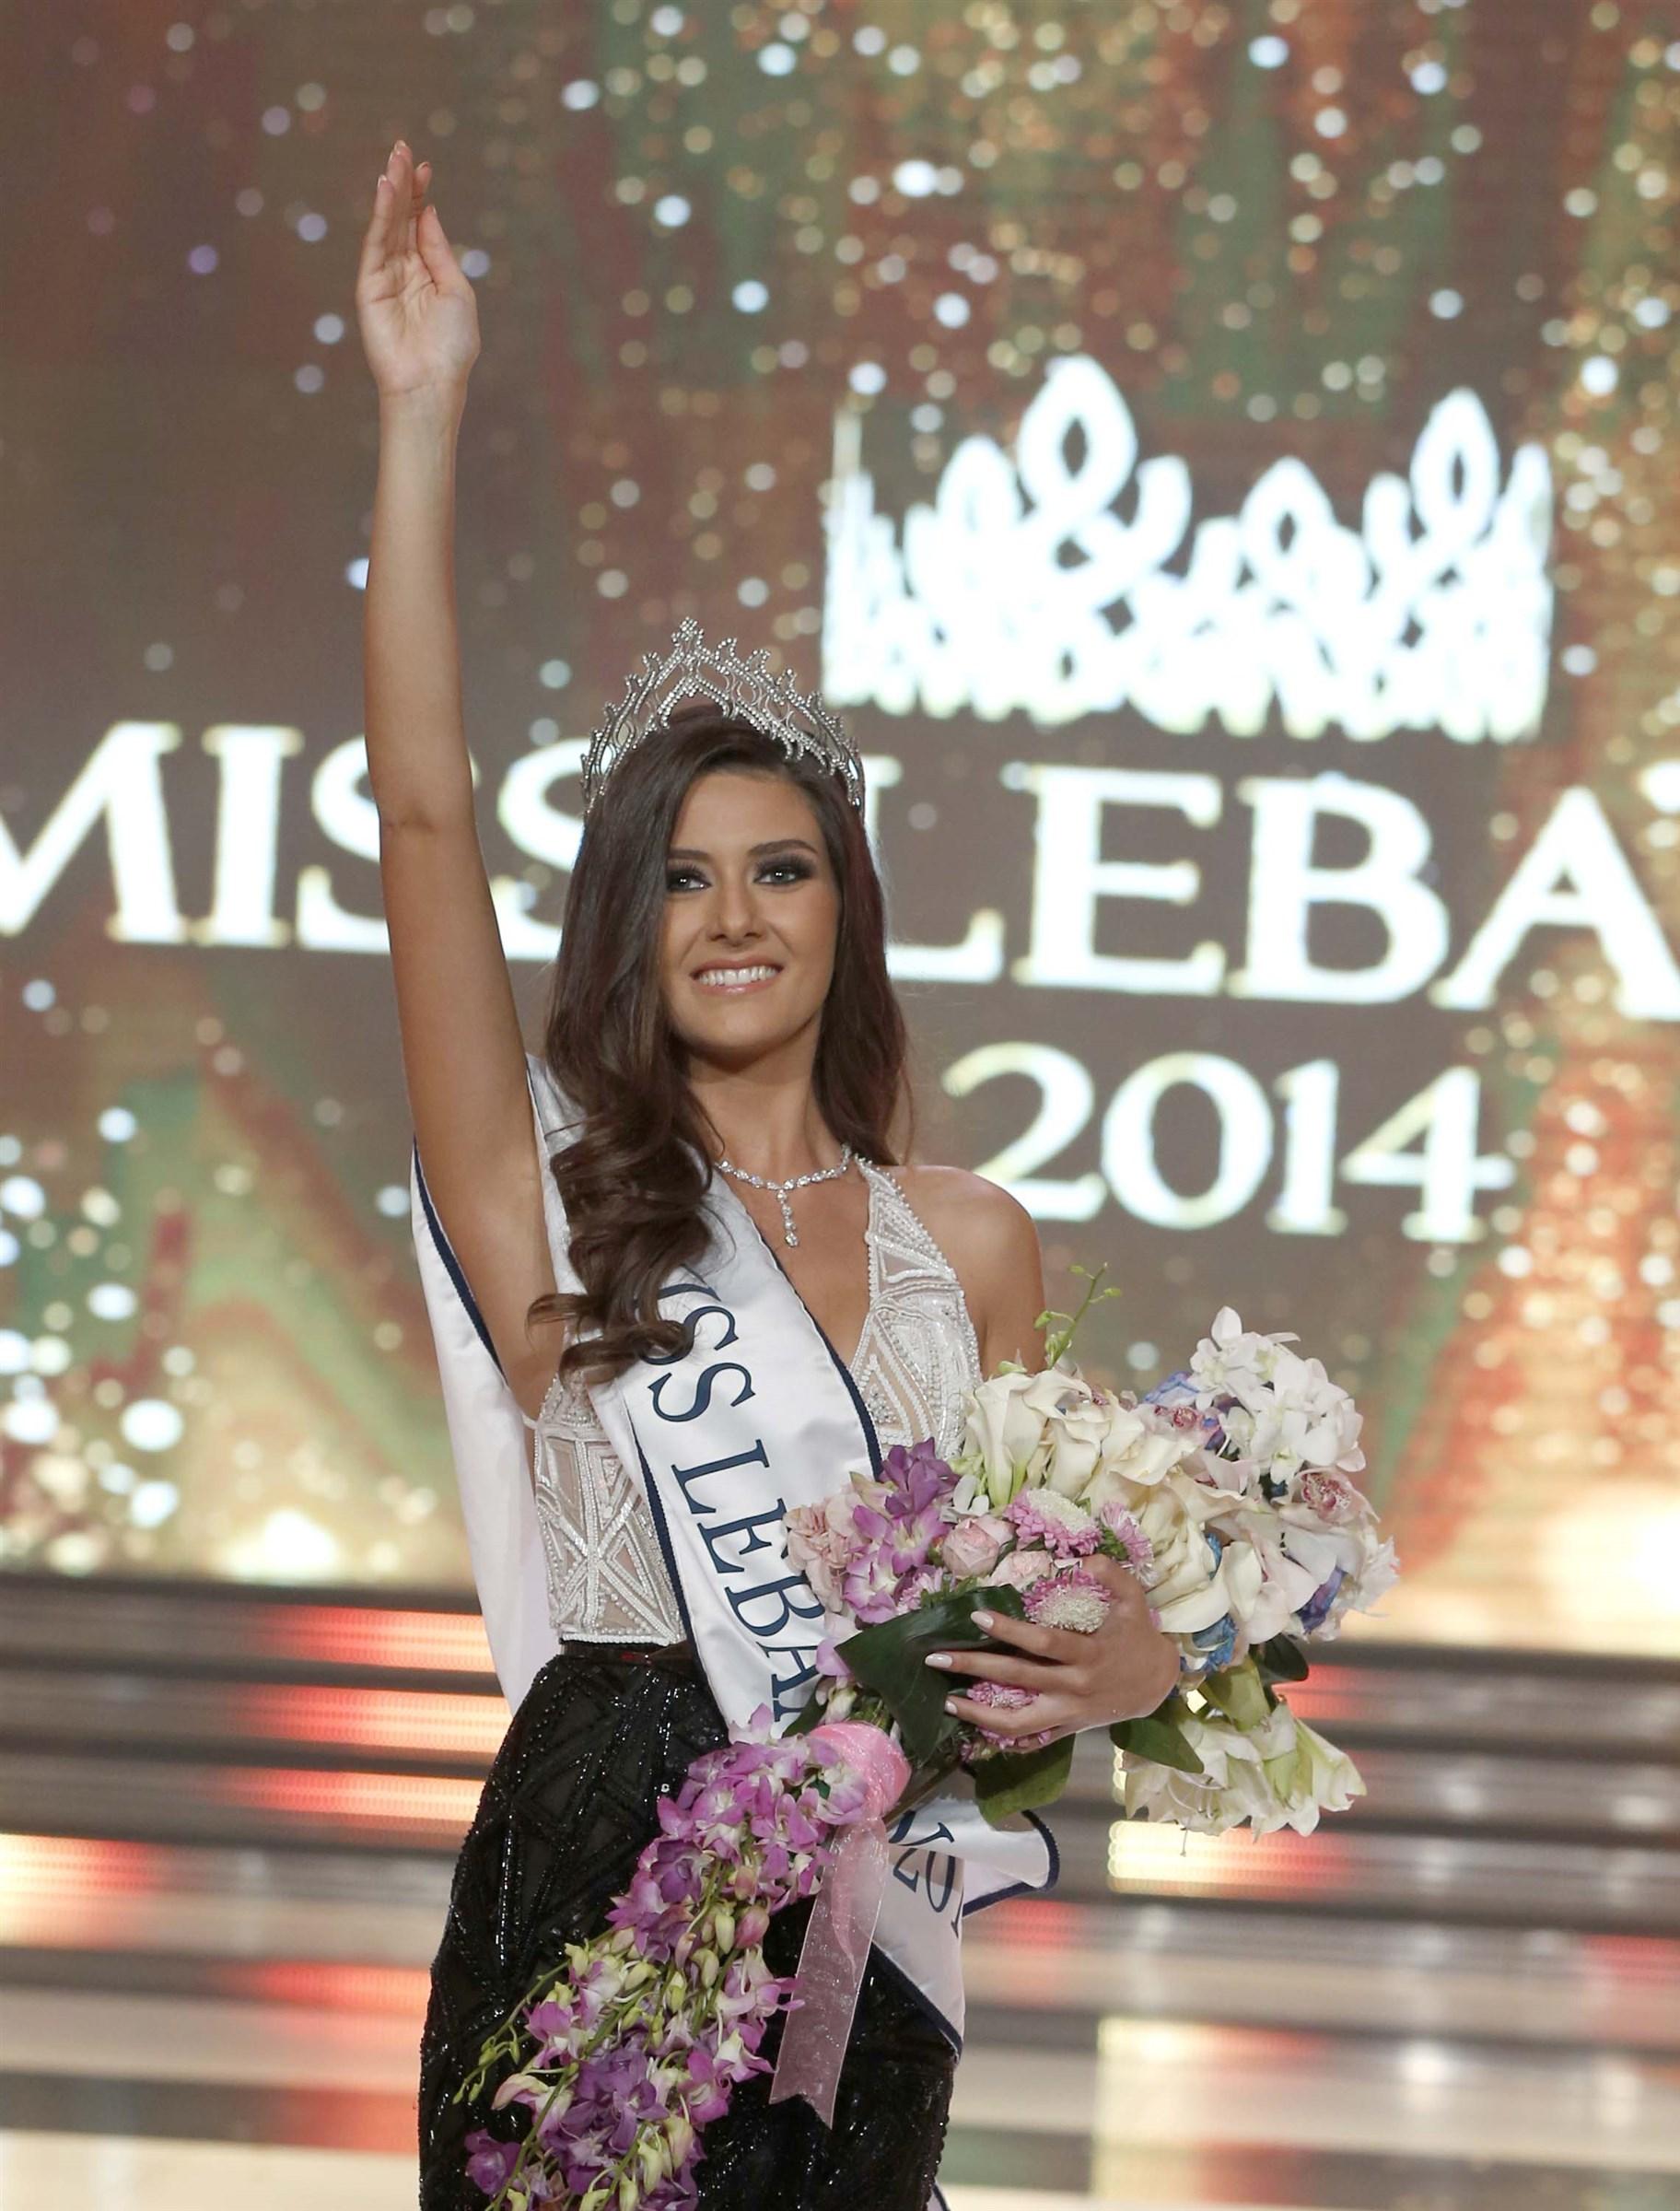 ملكة جمال لبنان ٢٠١٤ – Miss Lebanon 2014